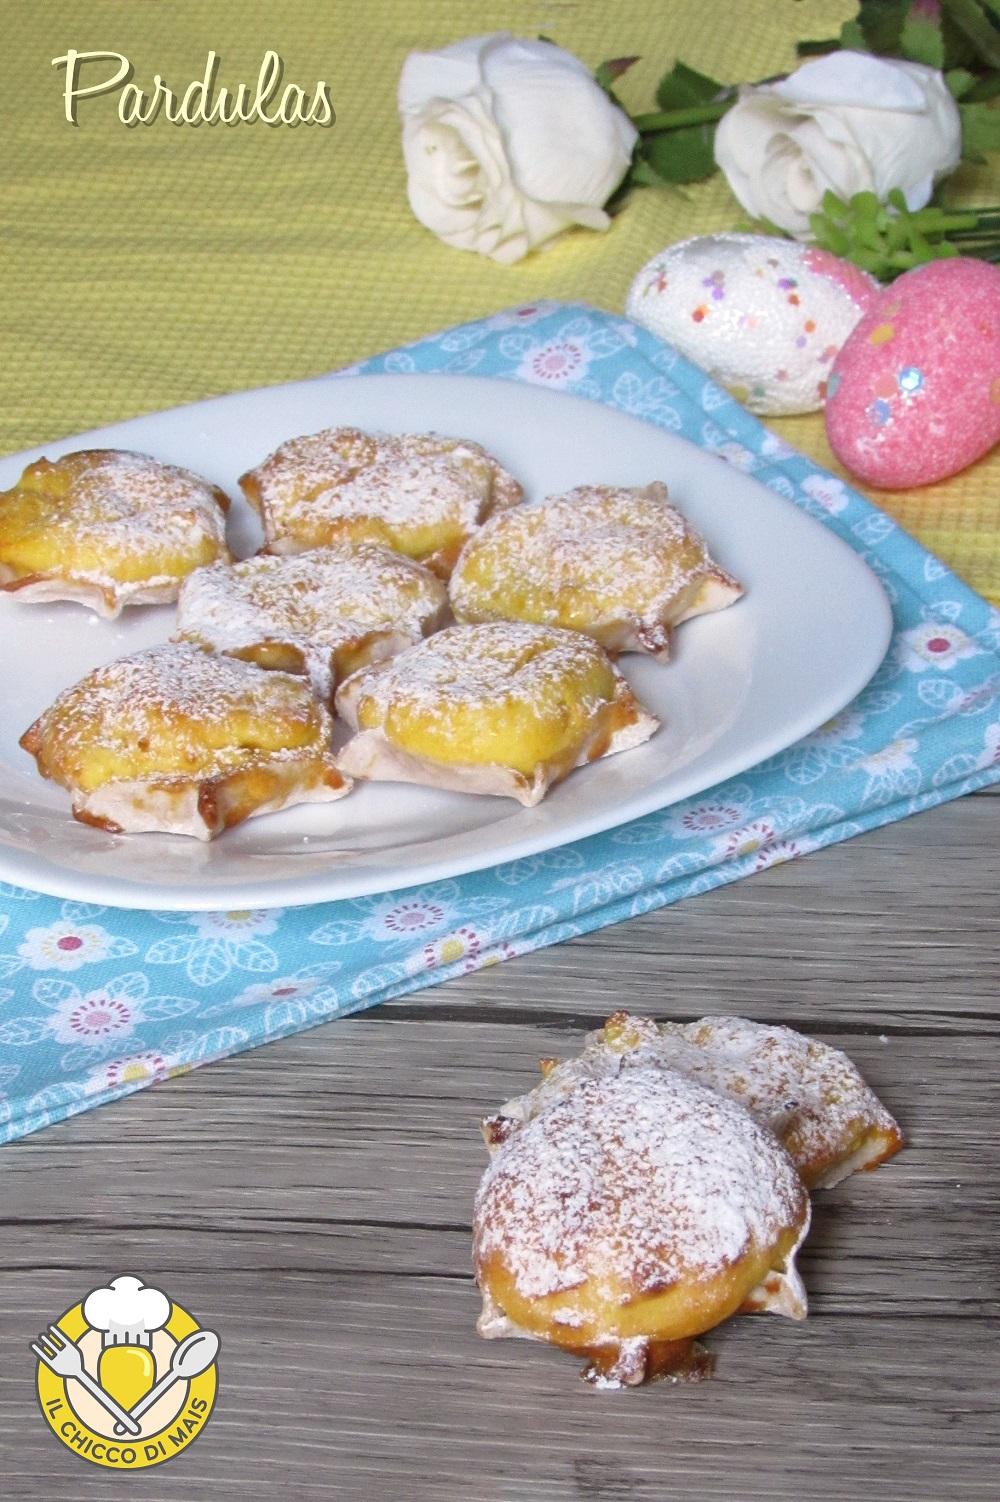 verticale_Pardulas o formaggelle sarde di ricotta ricetta tipica di pasqua il chicco di mais